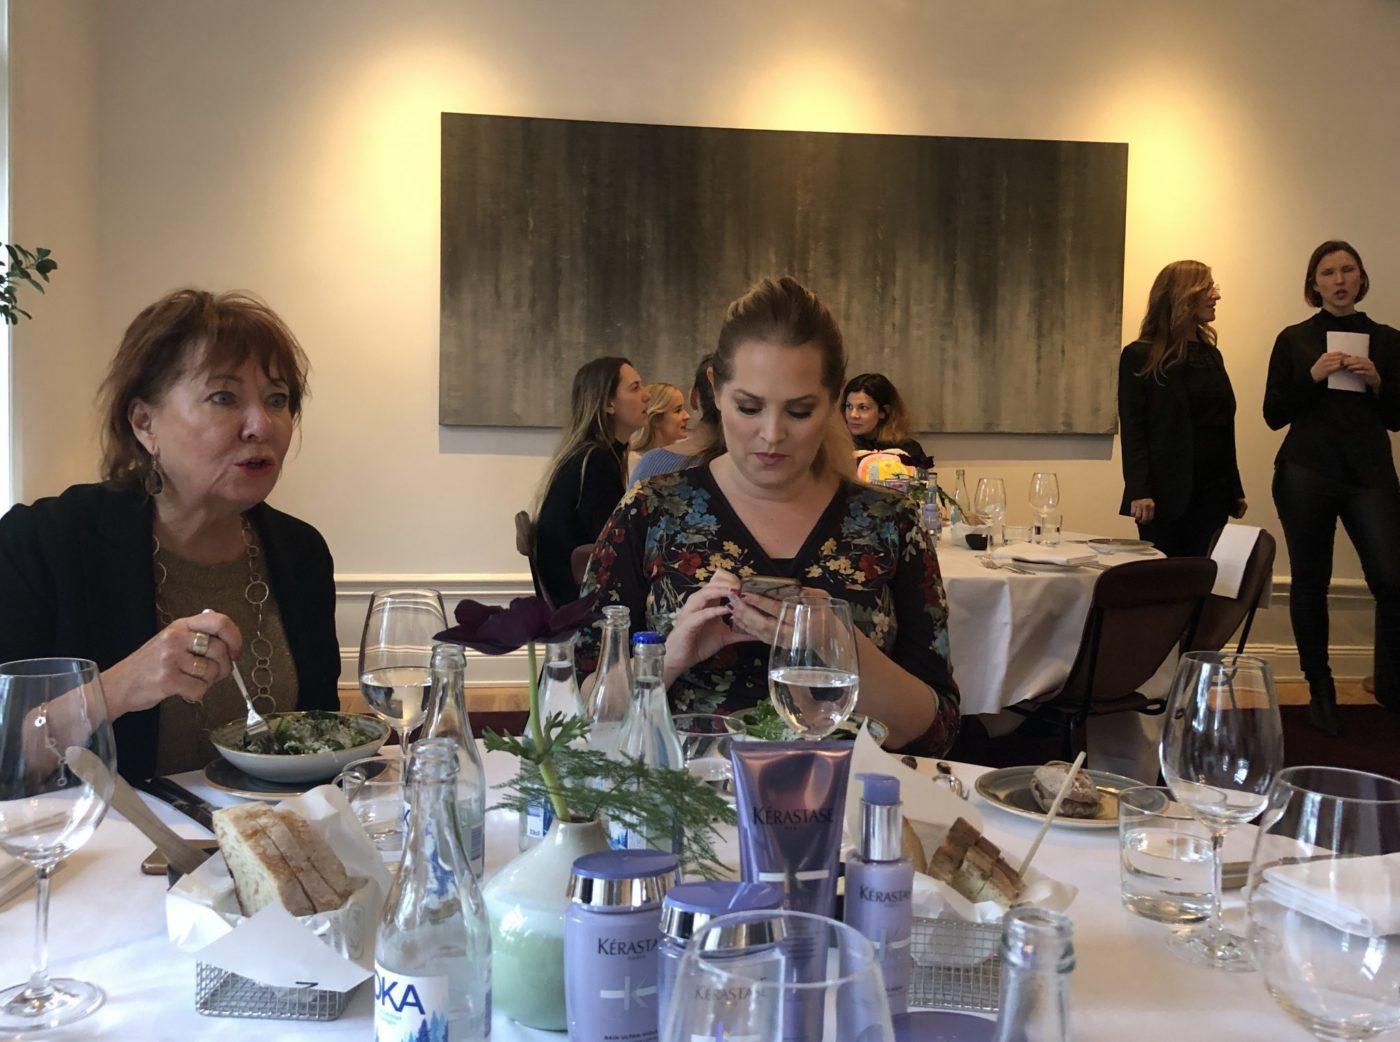 Elisabeth Garcia och Elin Fagerberg på pressmöte med Kérastase.